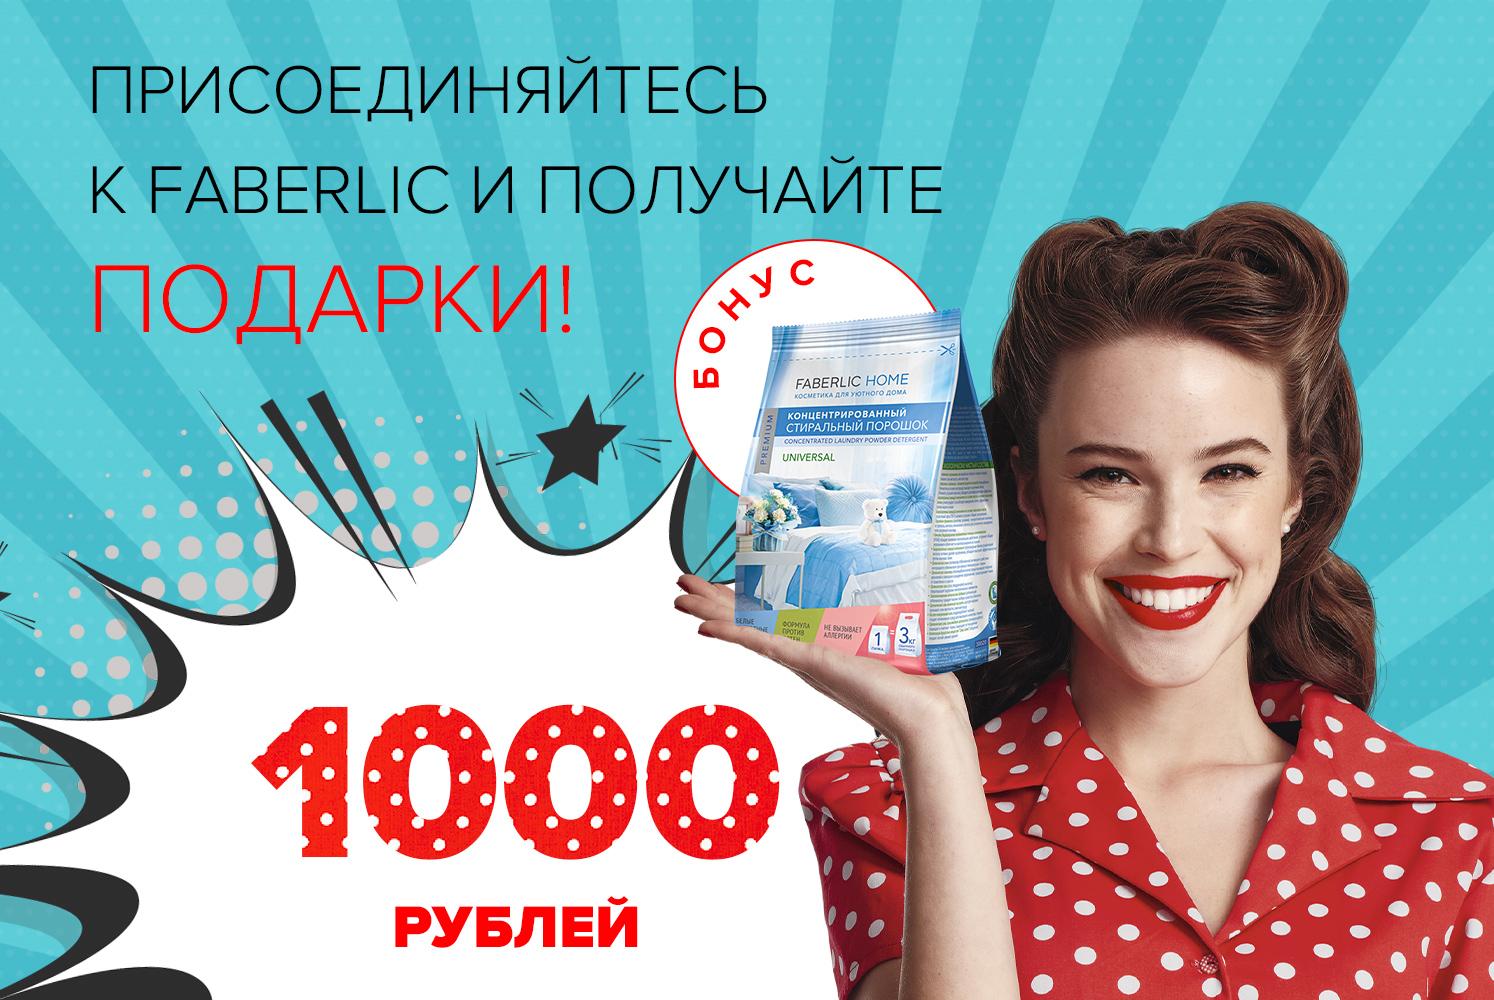 Фаберлик 1000 рублей в подарок